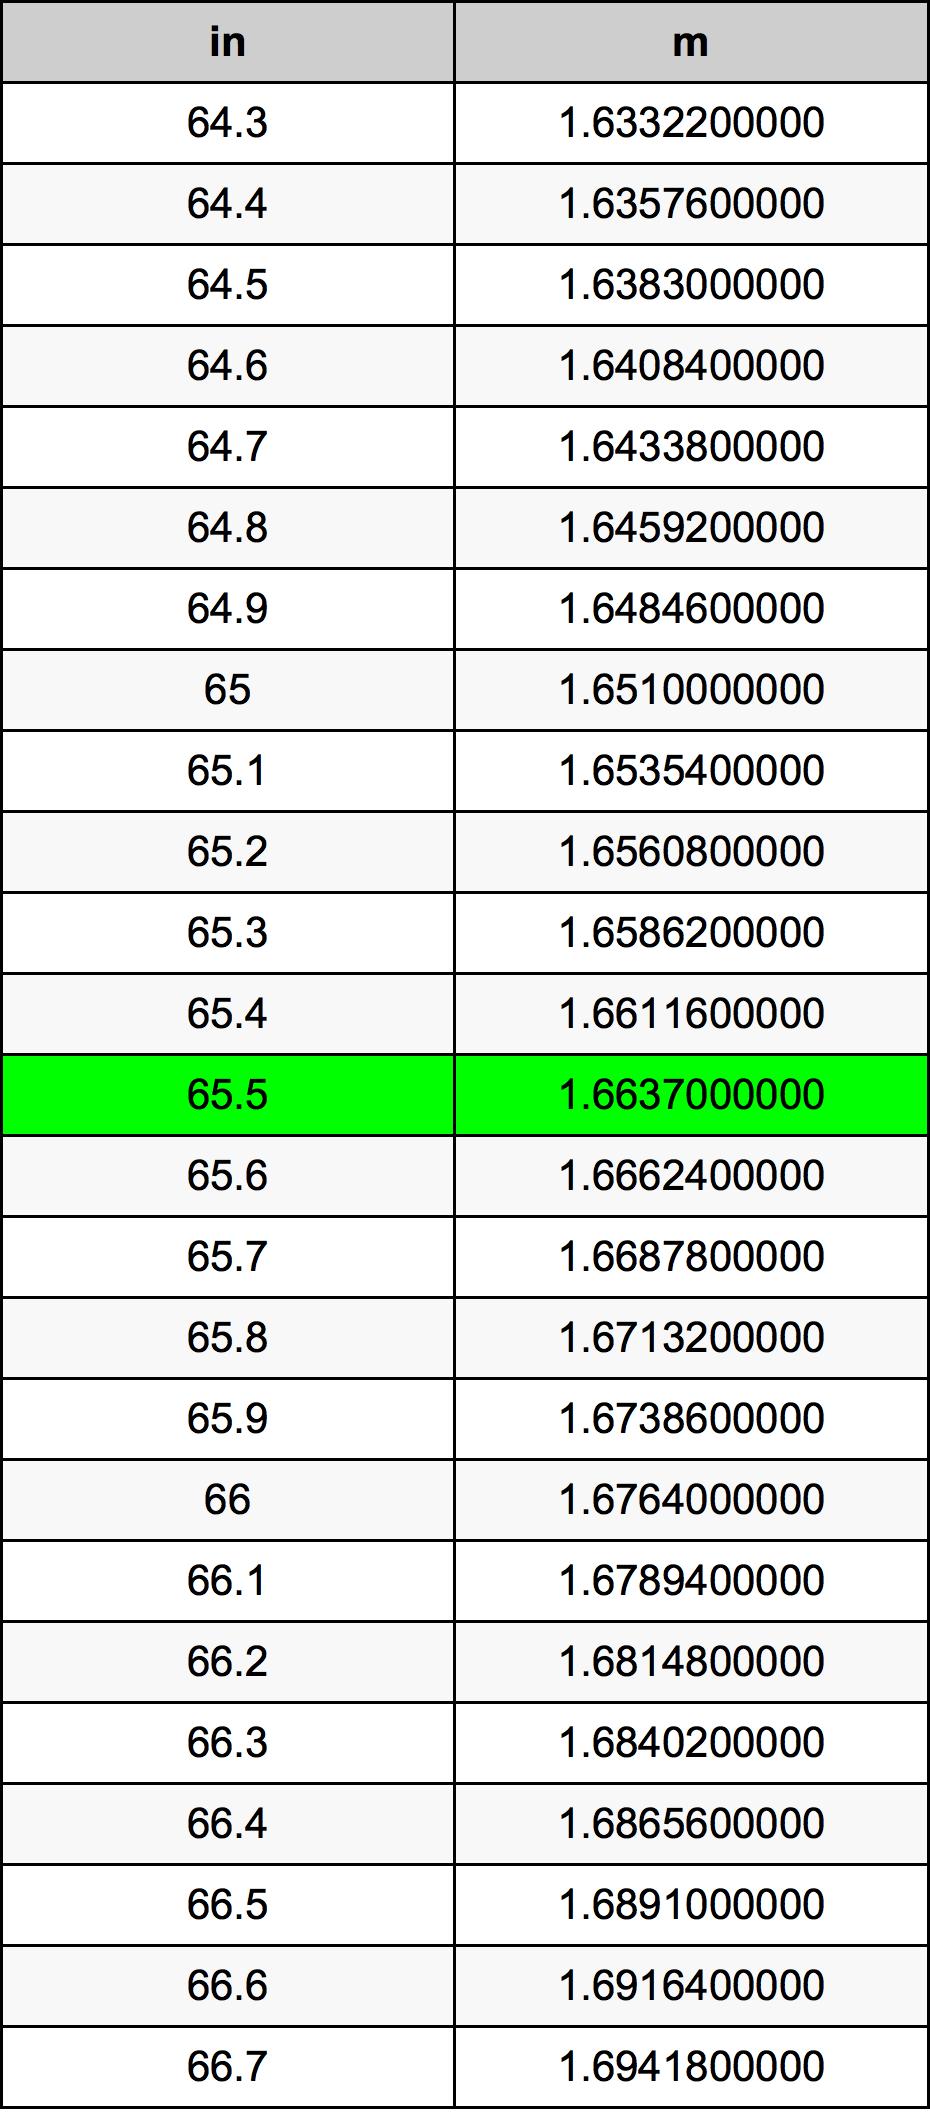 65.5 Polegada tabela de conversão